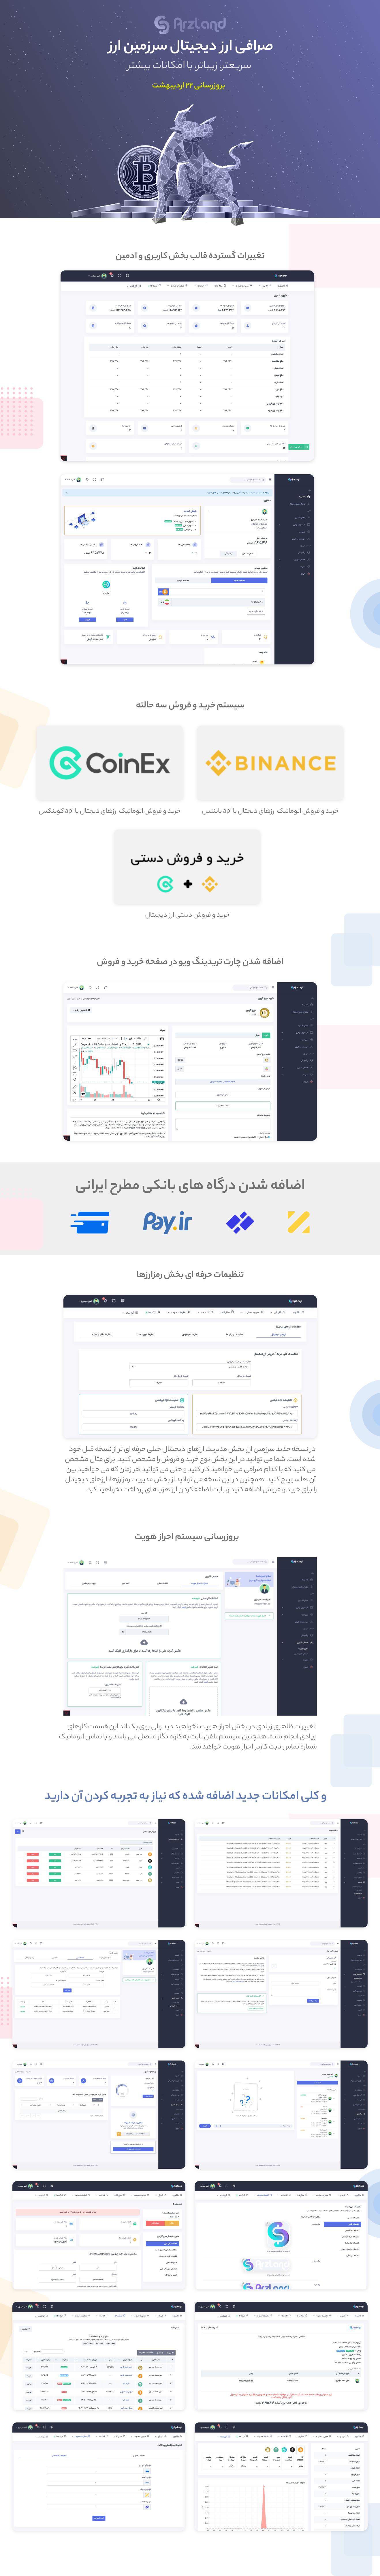 ویژگی های نسخه جدید اسکریپت صرافی آنلاین سرزمین ارز